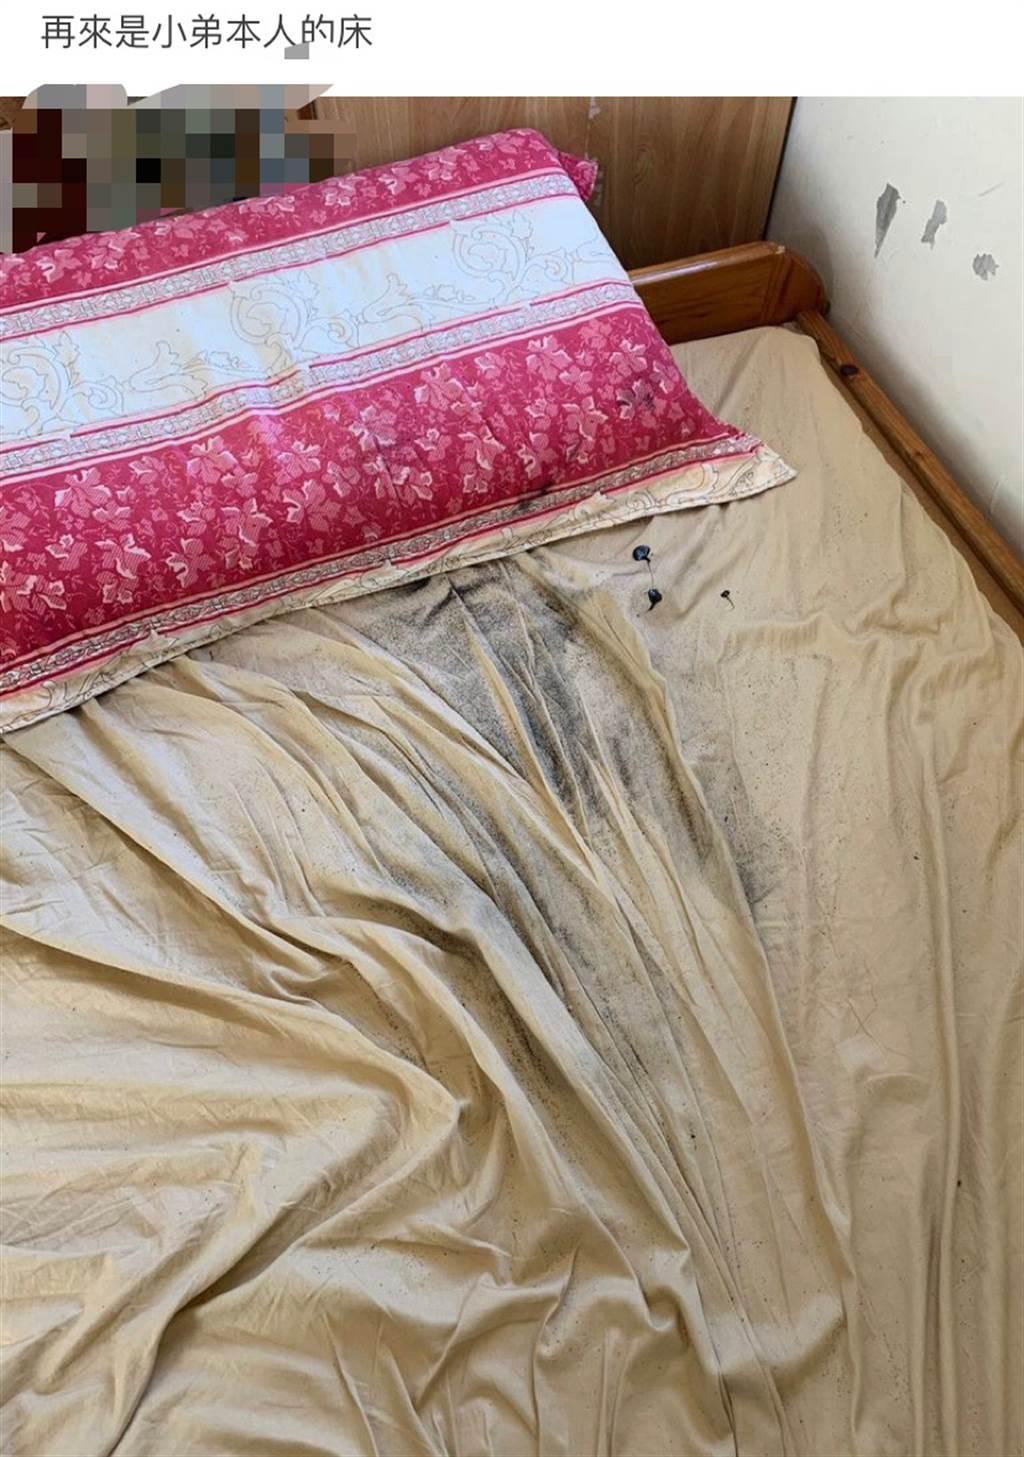 手機炸開後將床單、枕頭套都染的焦黑。(圖擷取自Dcard)